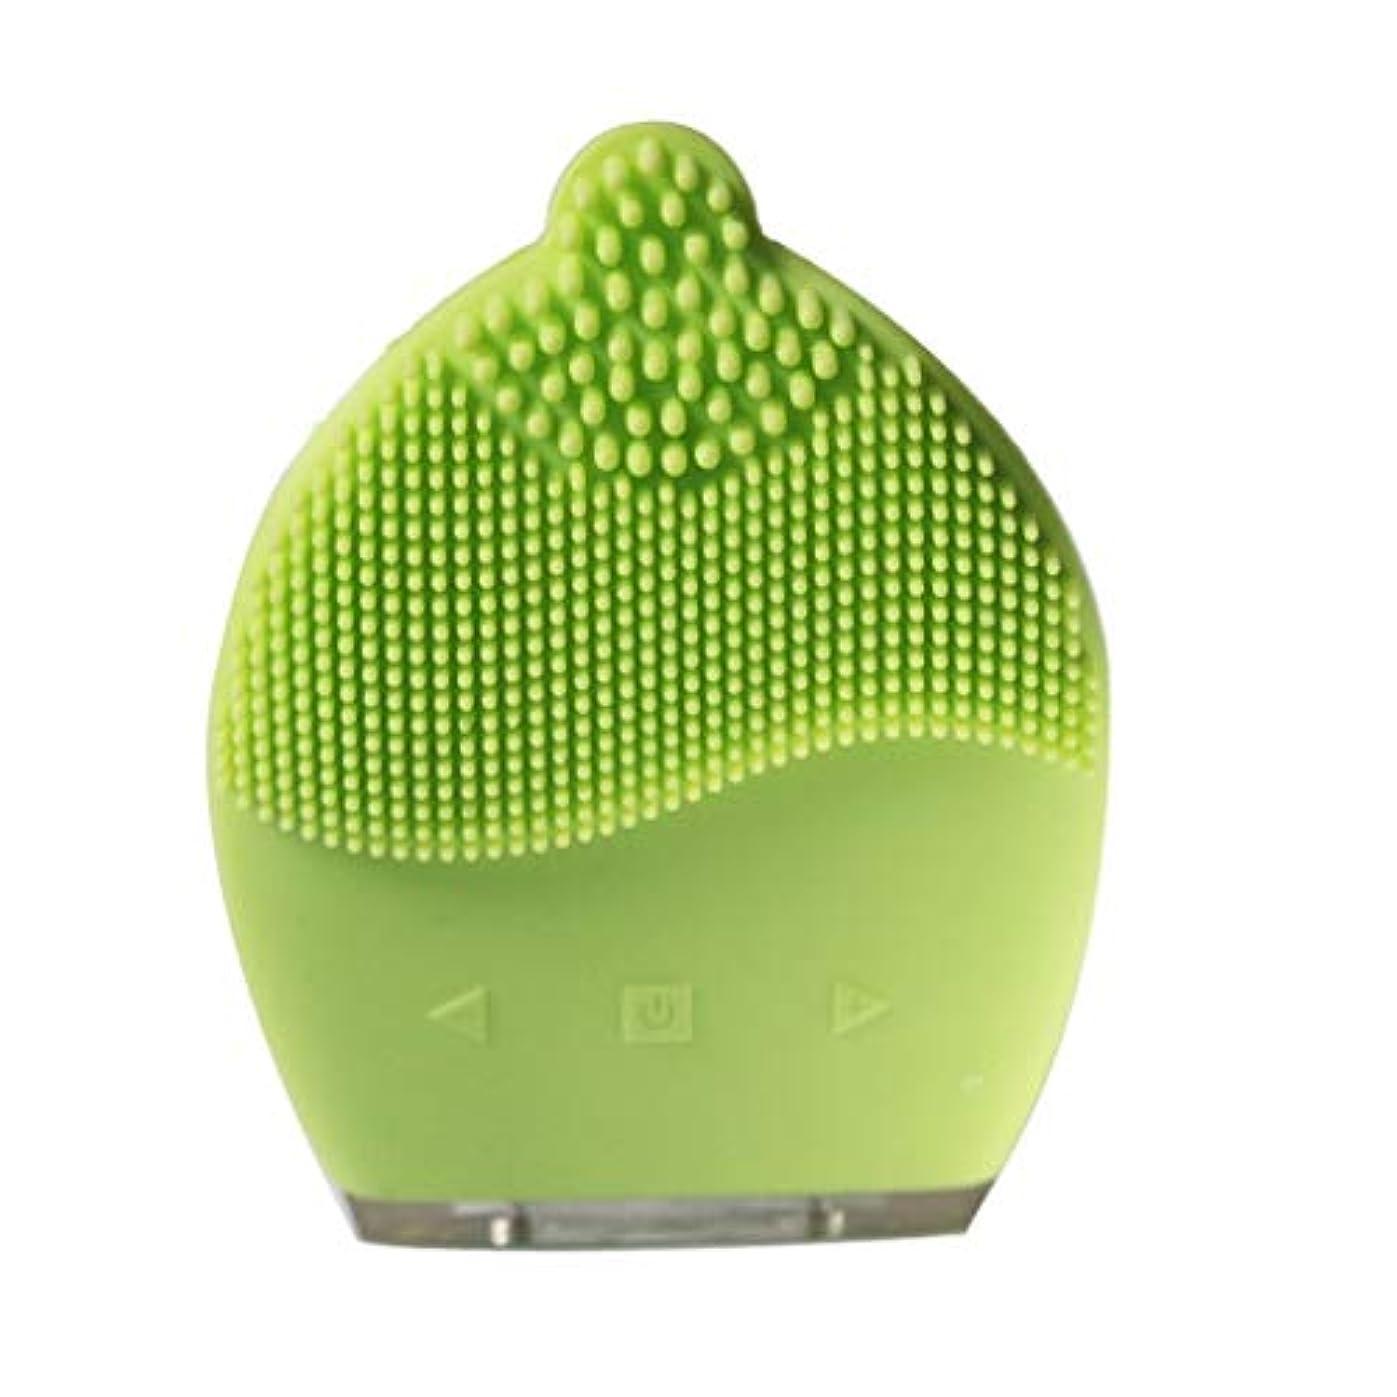 コールド閲覧するの電気シリコーンクレンジング器具、USBフェイシャルシリコーンポータブルフェイシャルマッサージャーディープエクスフォリエイティングジェントル&ディープクレンジングフェイシャル (Color : Green)